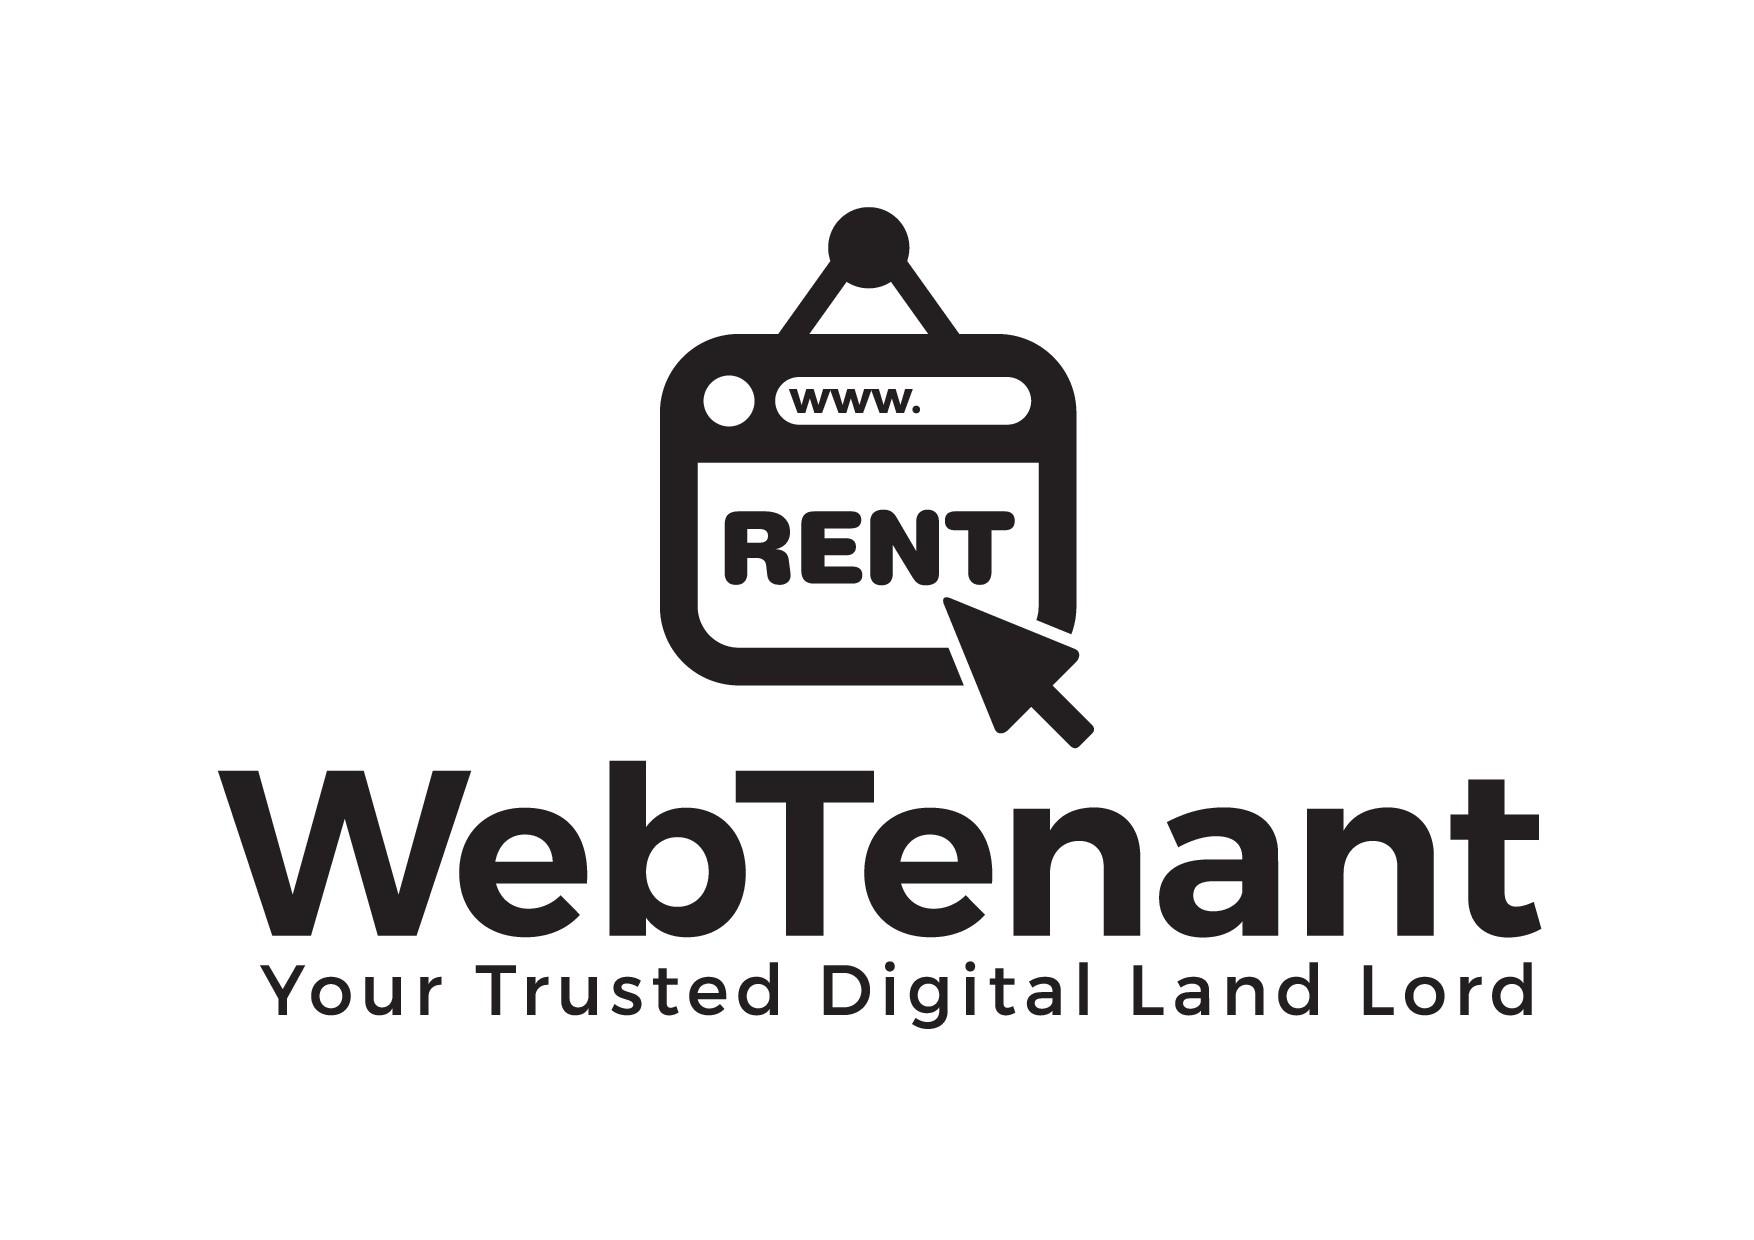 Website Rental Business needs a logo!